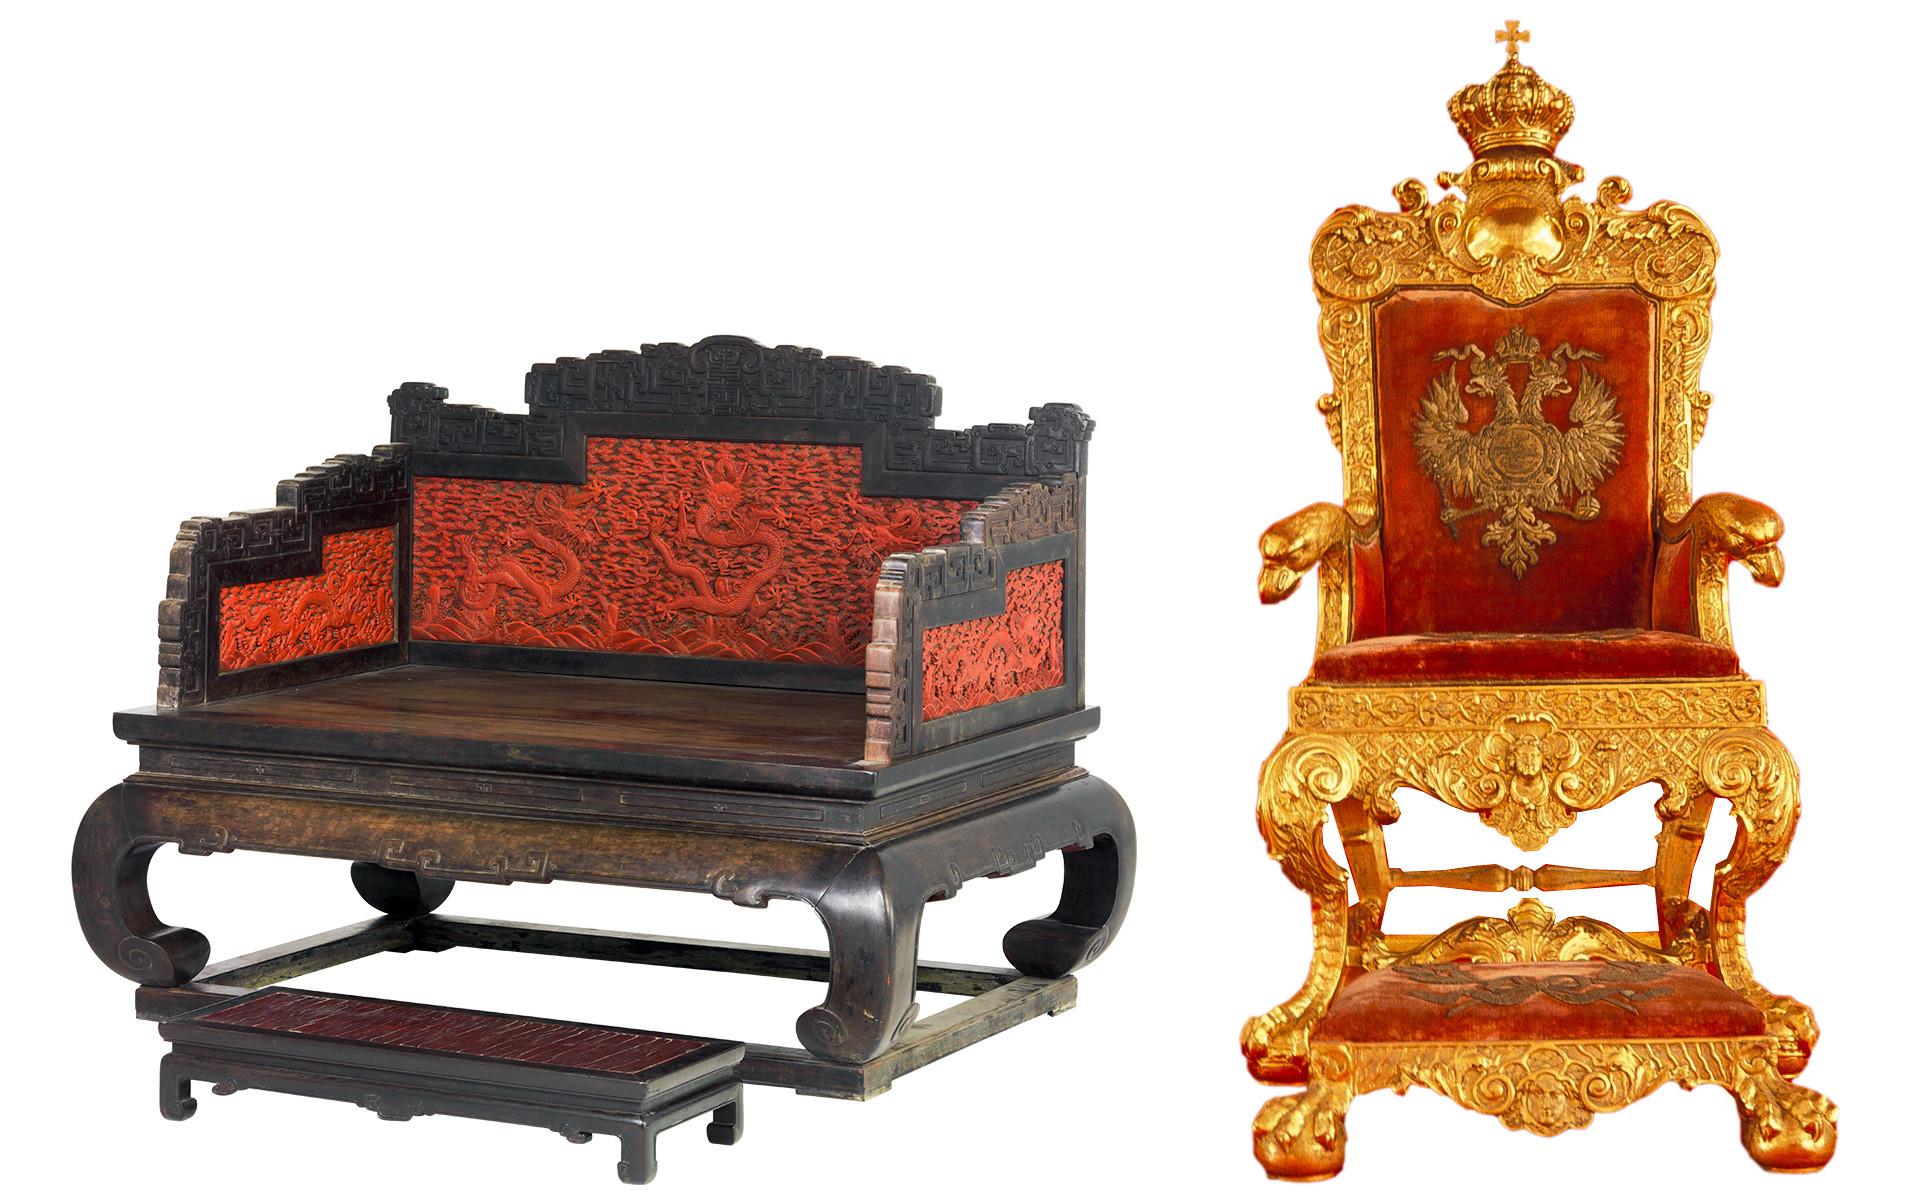 Имперският трон. Епохата на Цин (1644–1912 г.). Червен лак, дърво